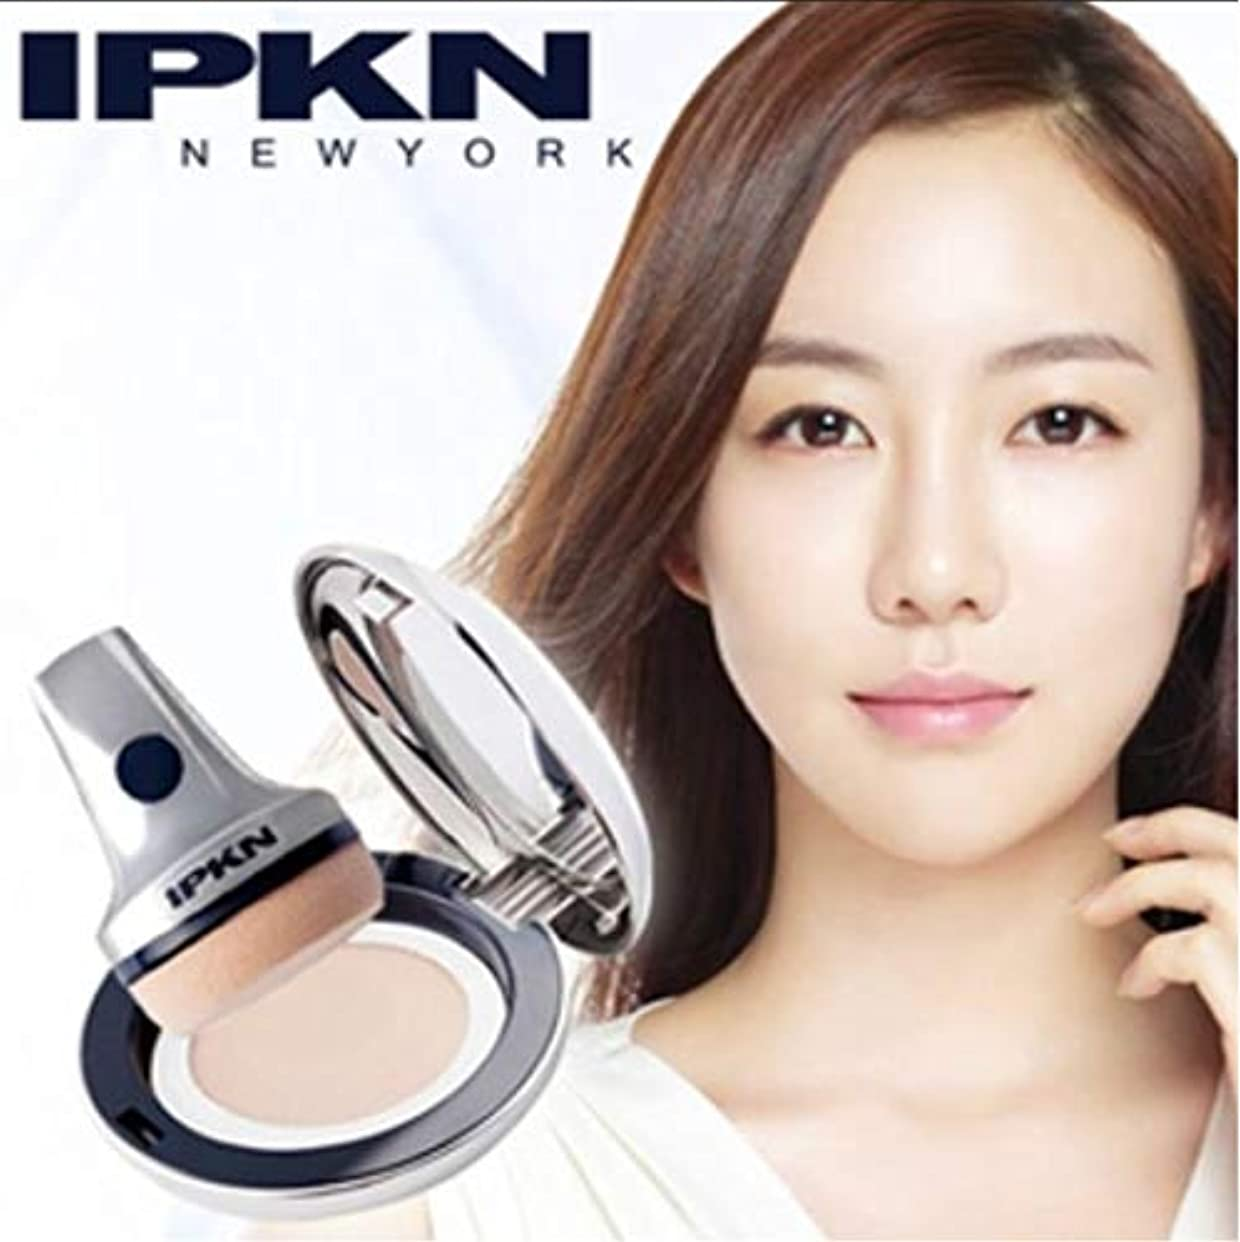 ipkn イプクン メイクアップ 振動 パフ ファンデーション コンシーラー ベースメイク